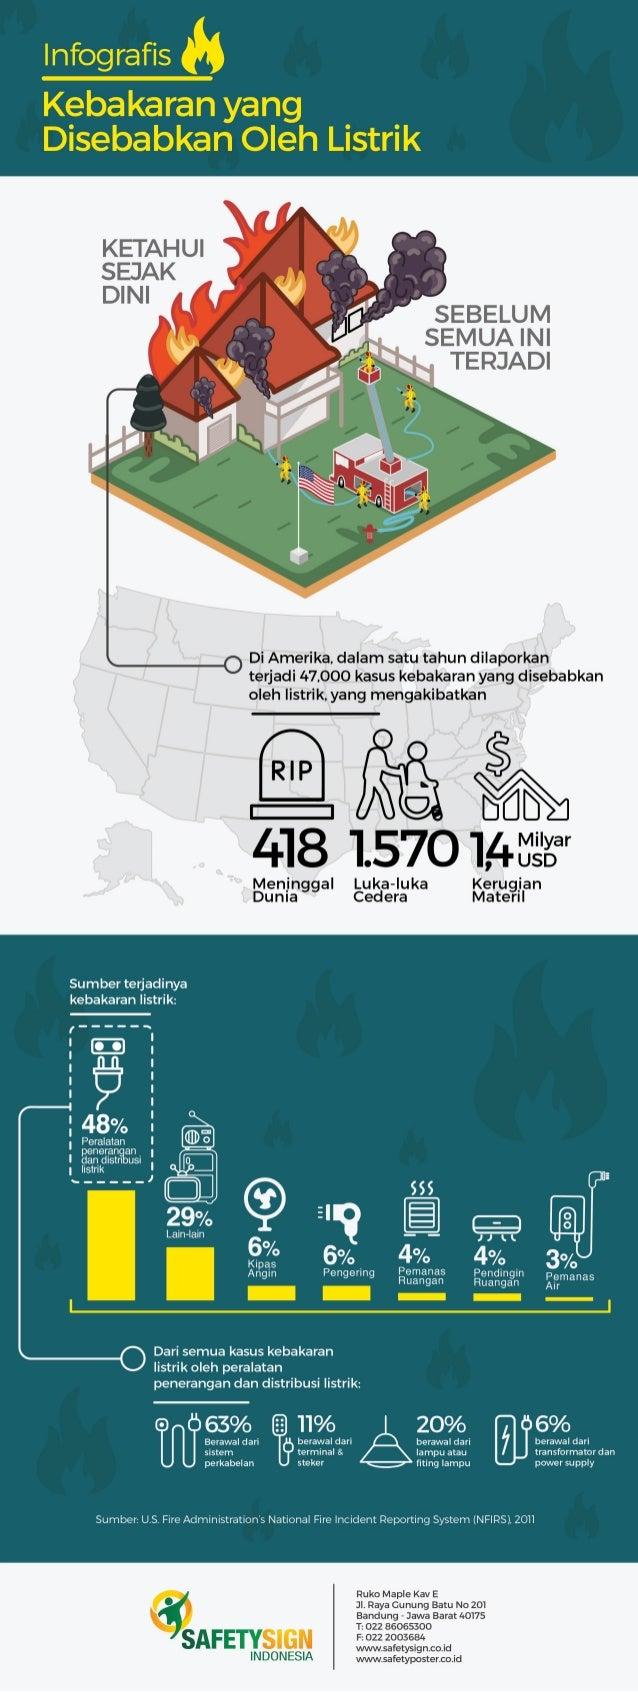 KETAHUI SEJAK DINI  SEBELUM SEMUA INI TERJADI  .  Di Amerika,  dalam satu tahun dilaporkan terjadi 47,000 kasus kebakaran ...